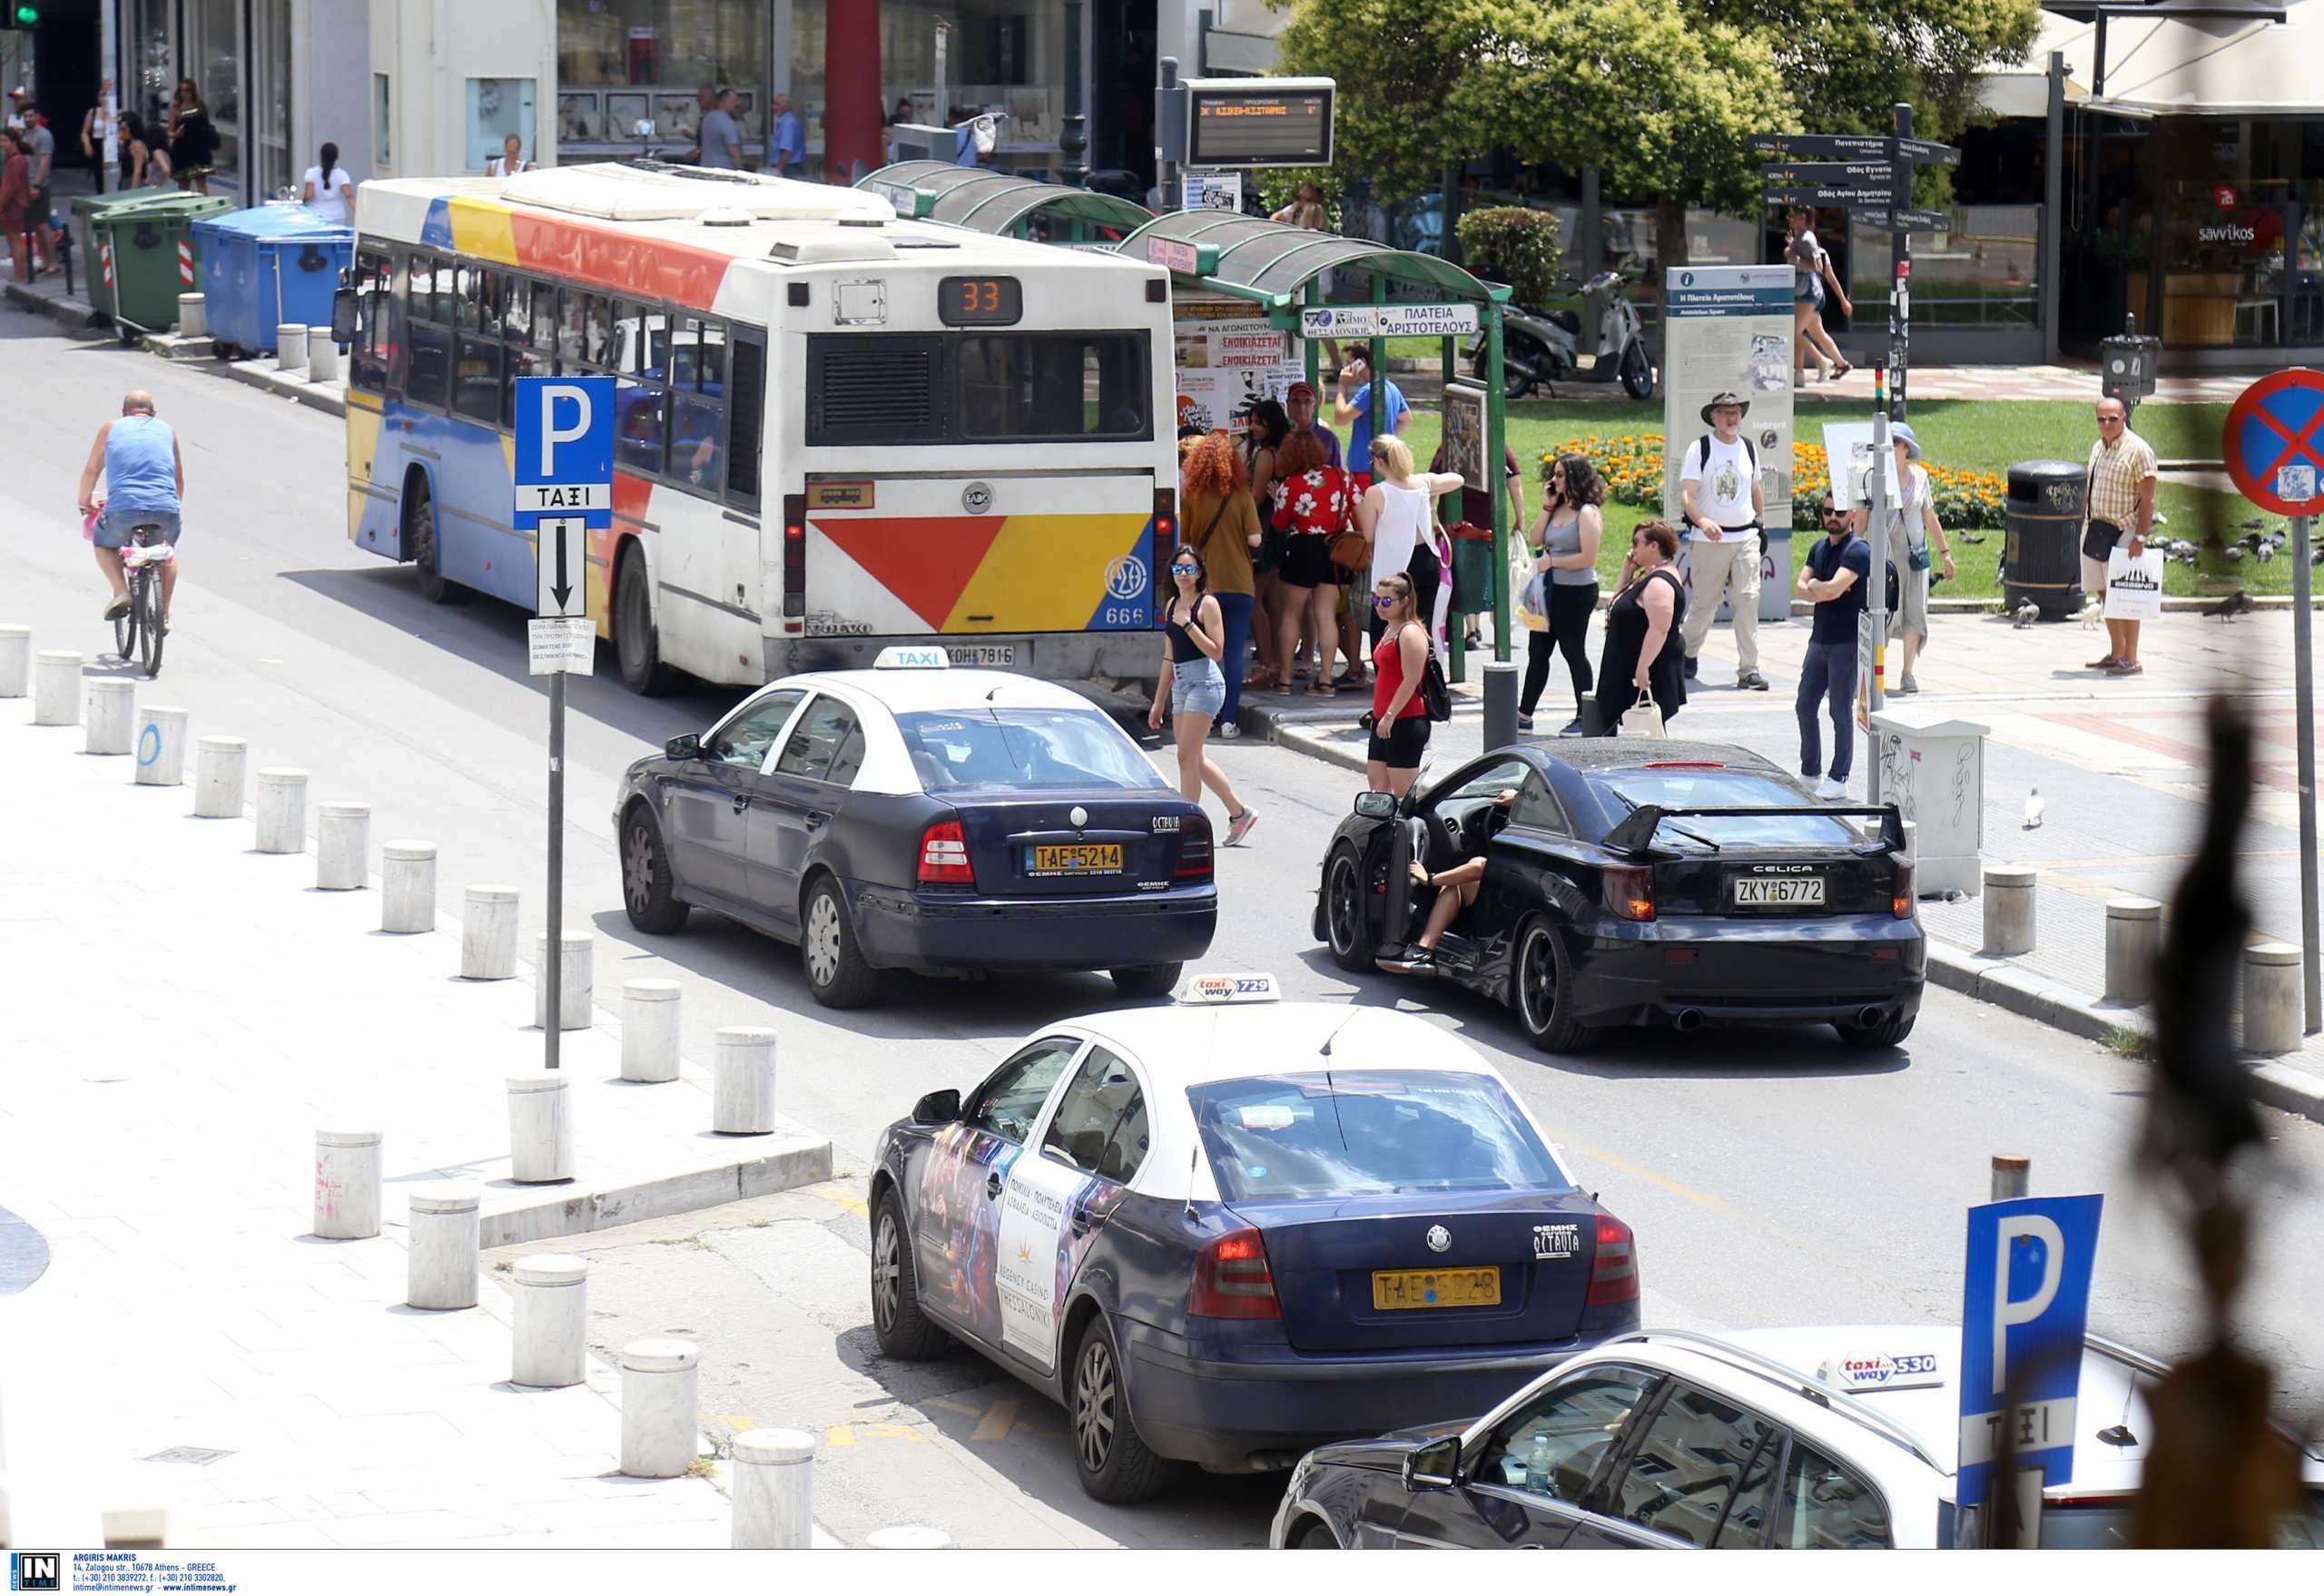 Θεσσαλονίκη: Οι γερανοί ξανάρχονται – Κυκλοφοριακά εμφράγματα στο κέντρο  (video)